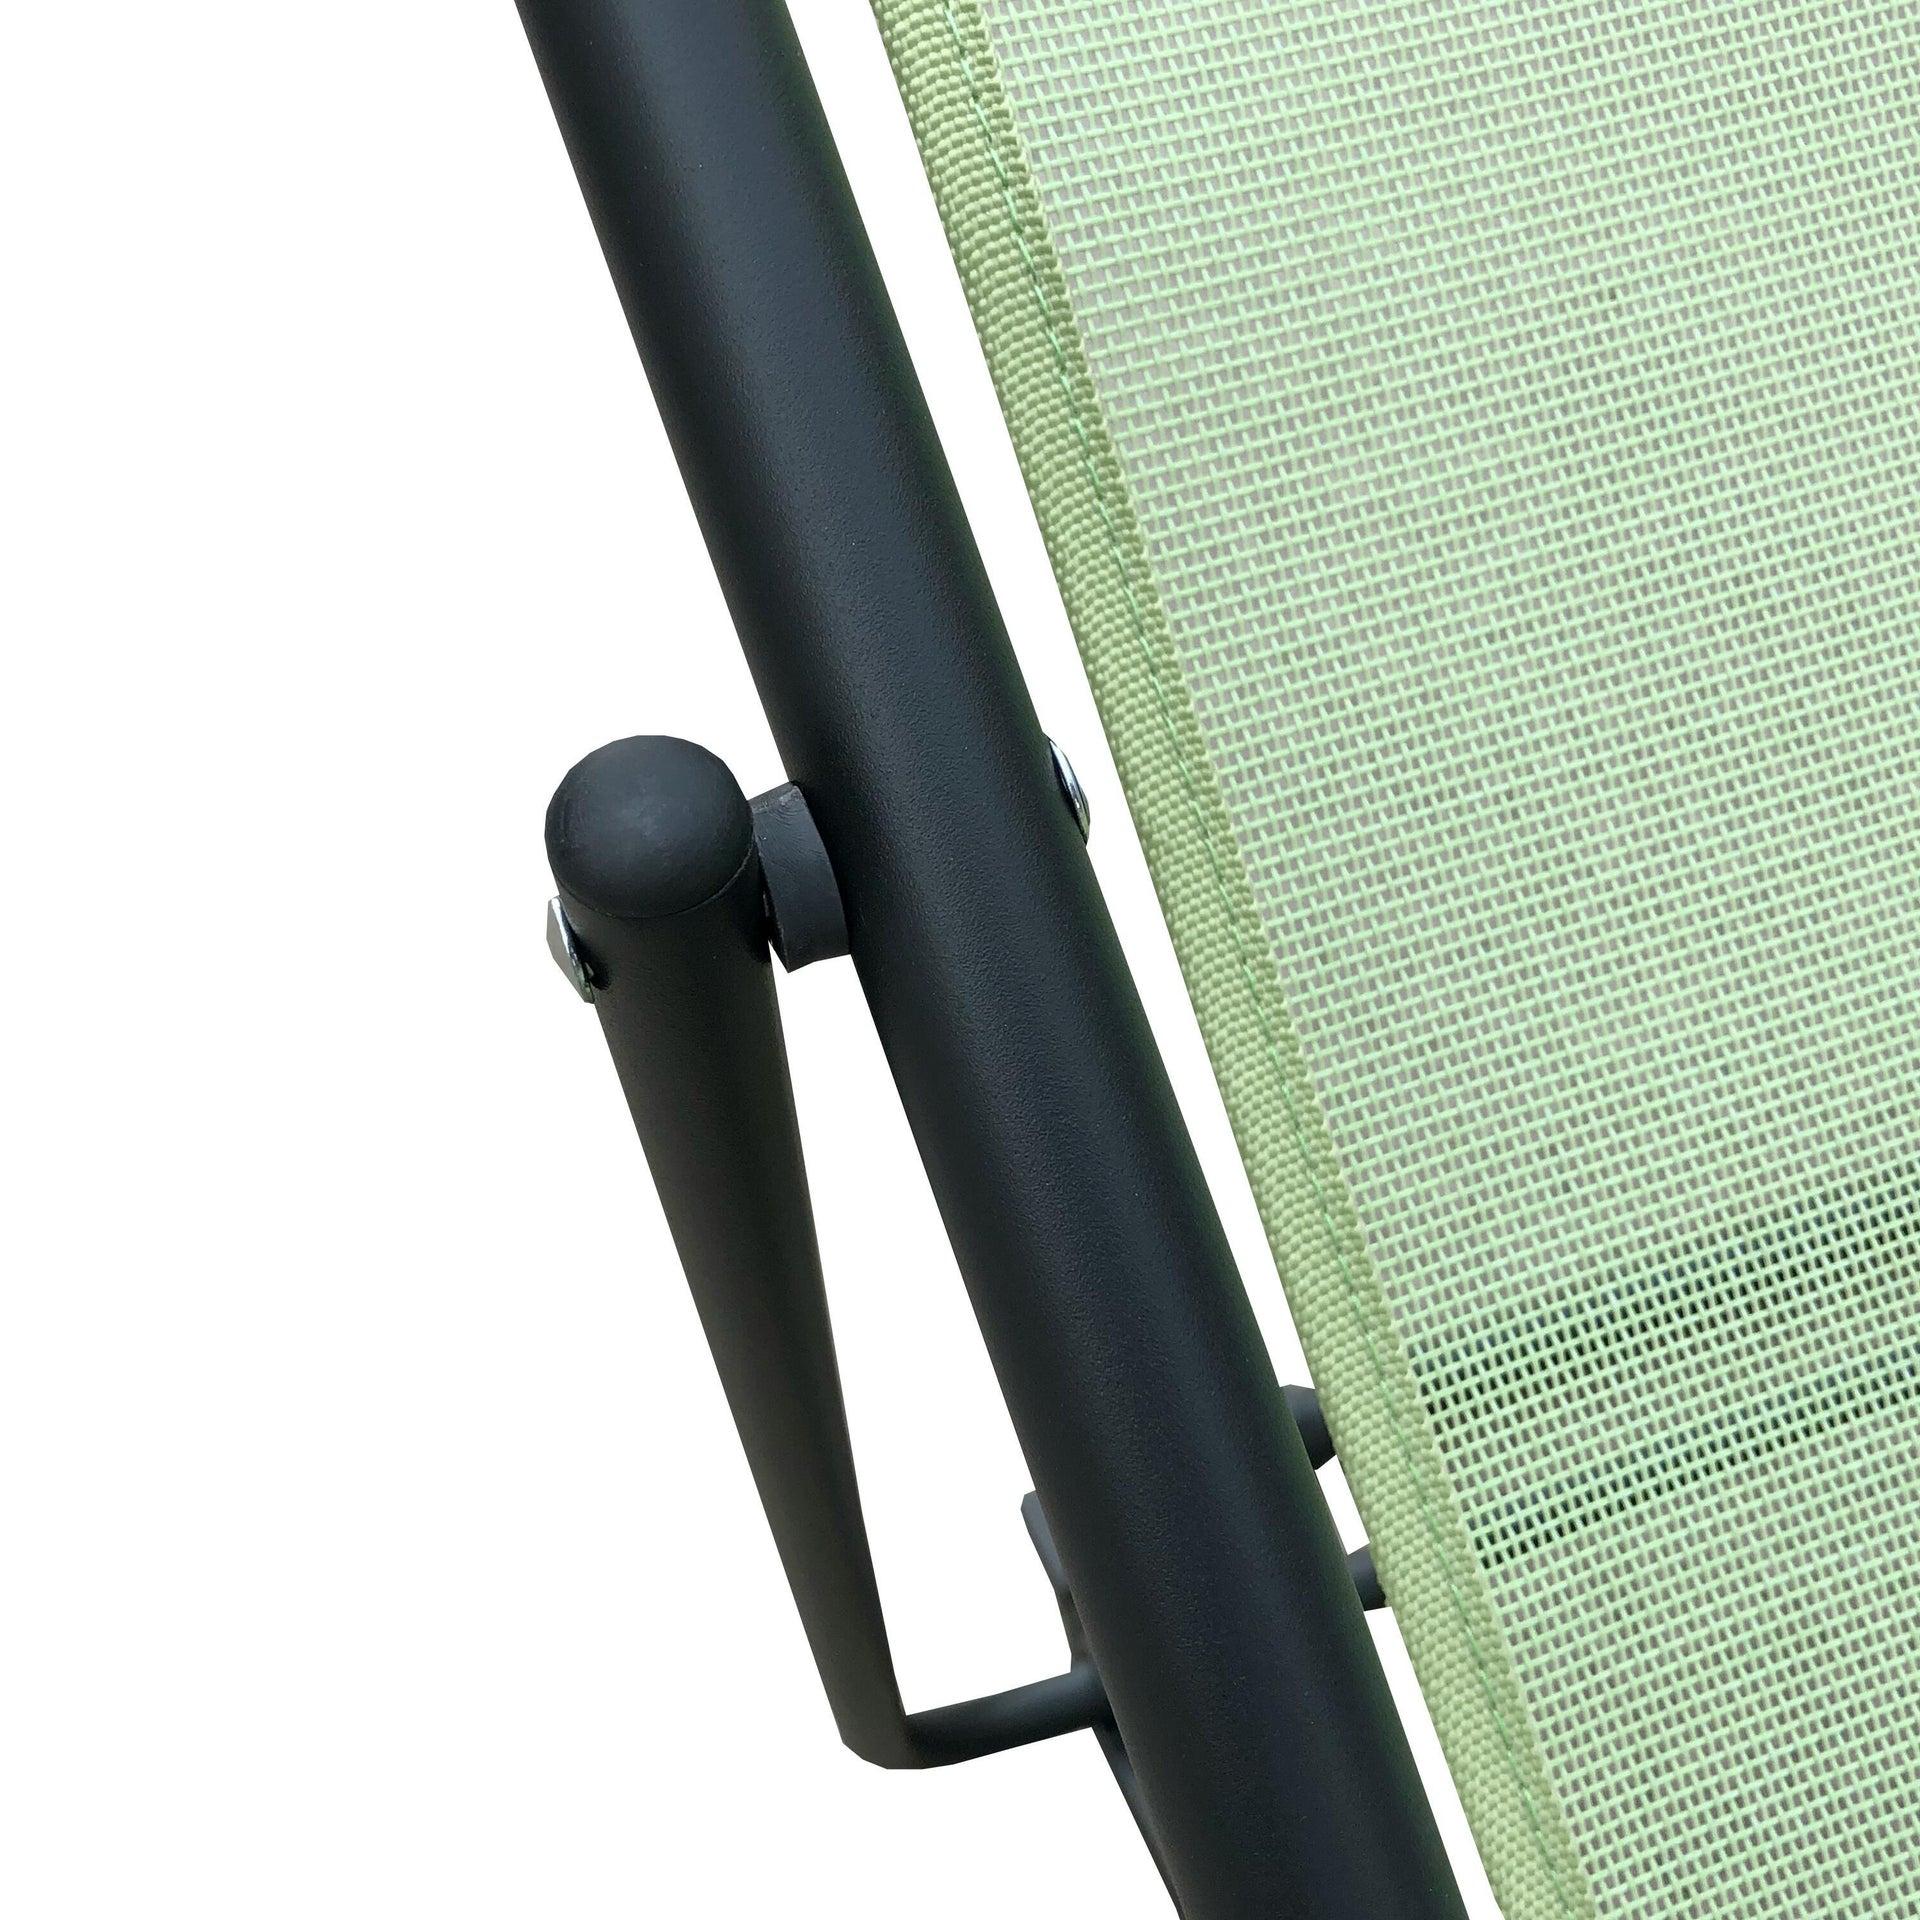 Sedia da giardino senza cuscino pieghevole in acciaio Biganos colore verde - 6